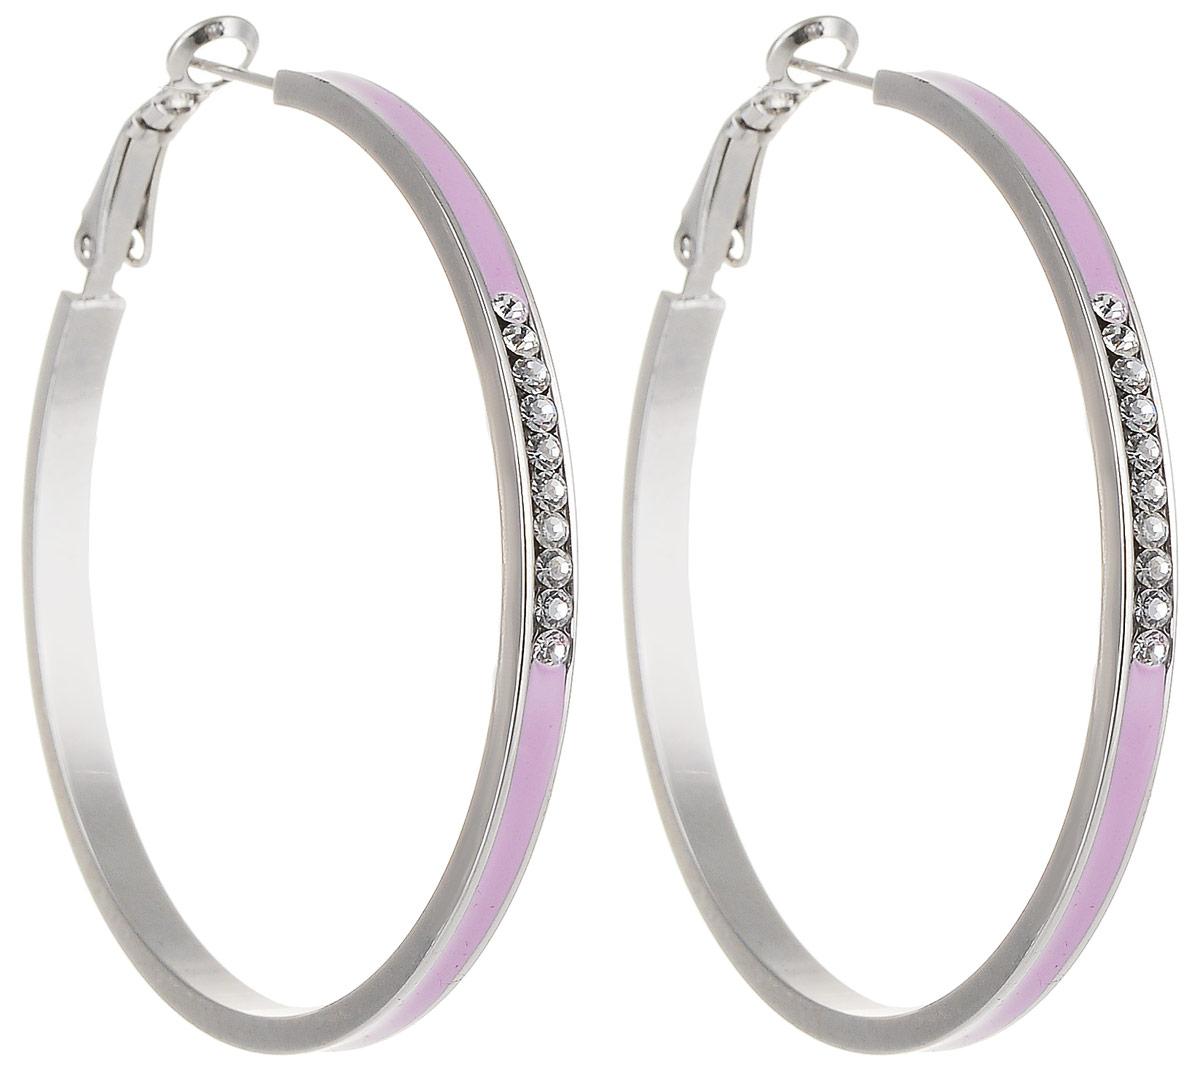 Серьги Art-Silver, цвет: розовый. 141М-641141М-641Стильные серьги Art-Silver выполнены из бижутерного сплава. Серьги оформлены декоративными вставками. Серьги выполнены с замками-булавками. Такие серьги будут ярким дополнением вашего образа.